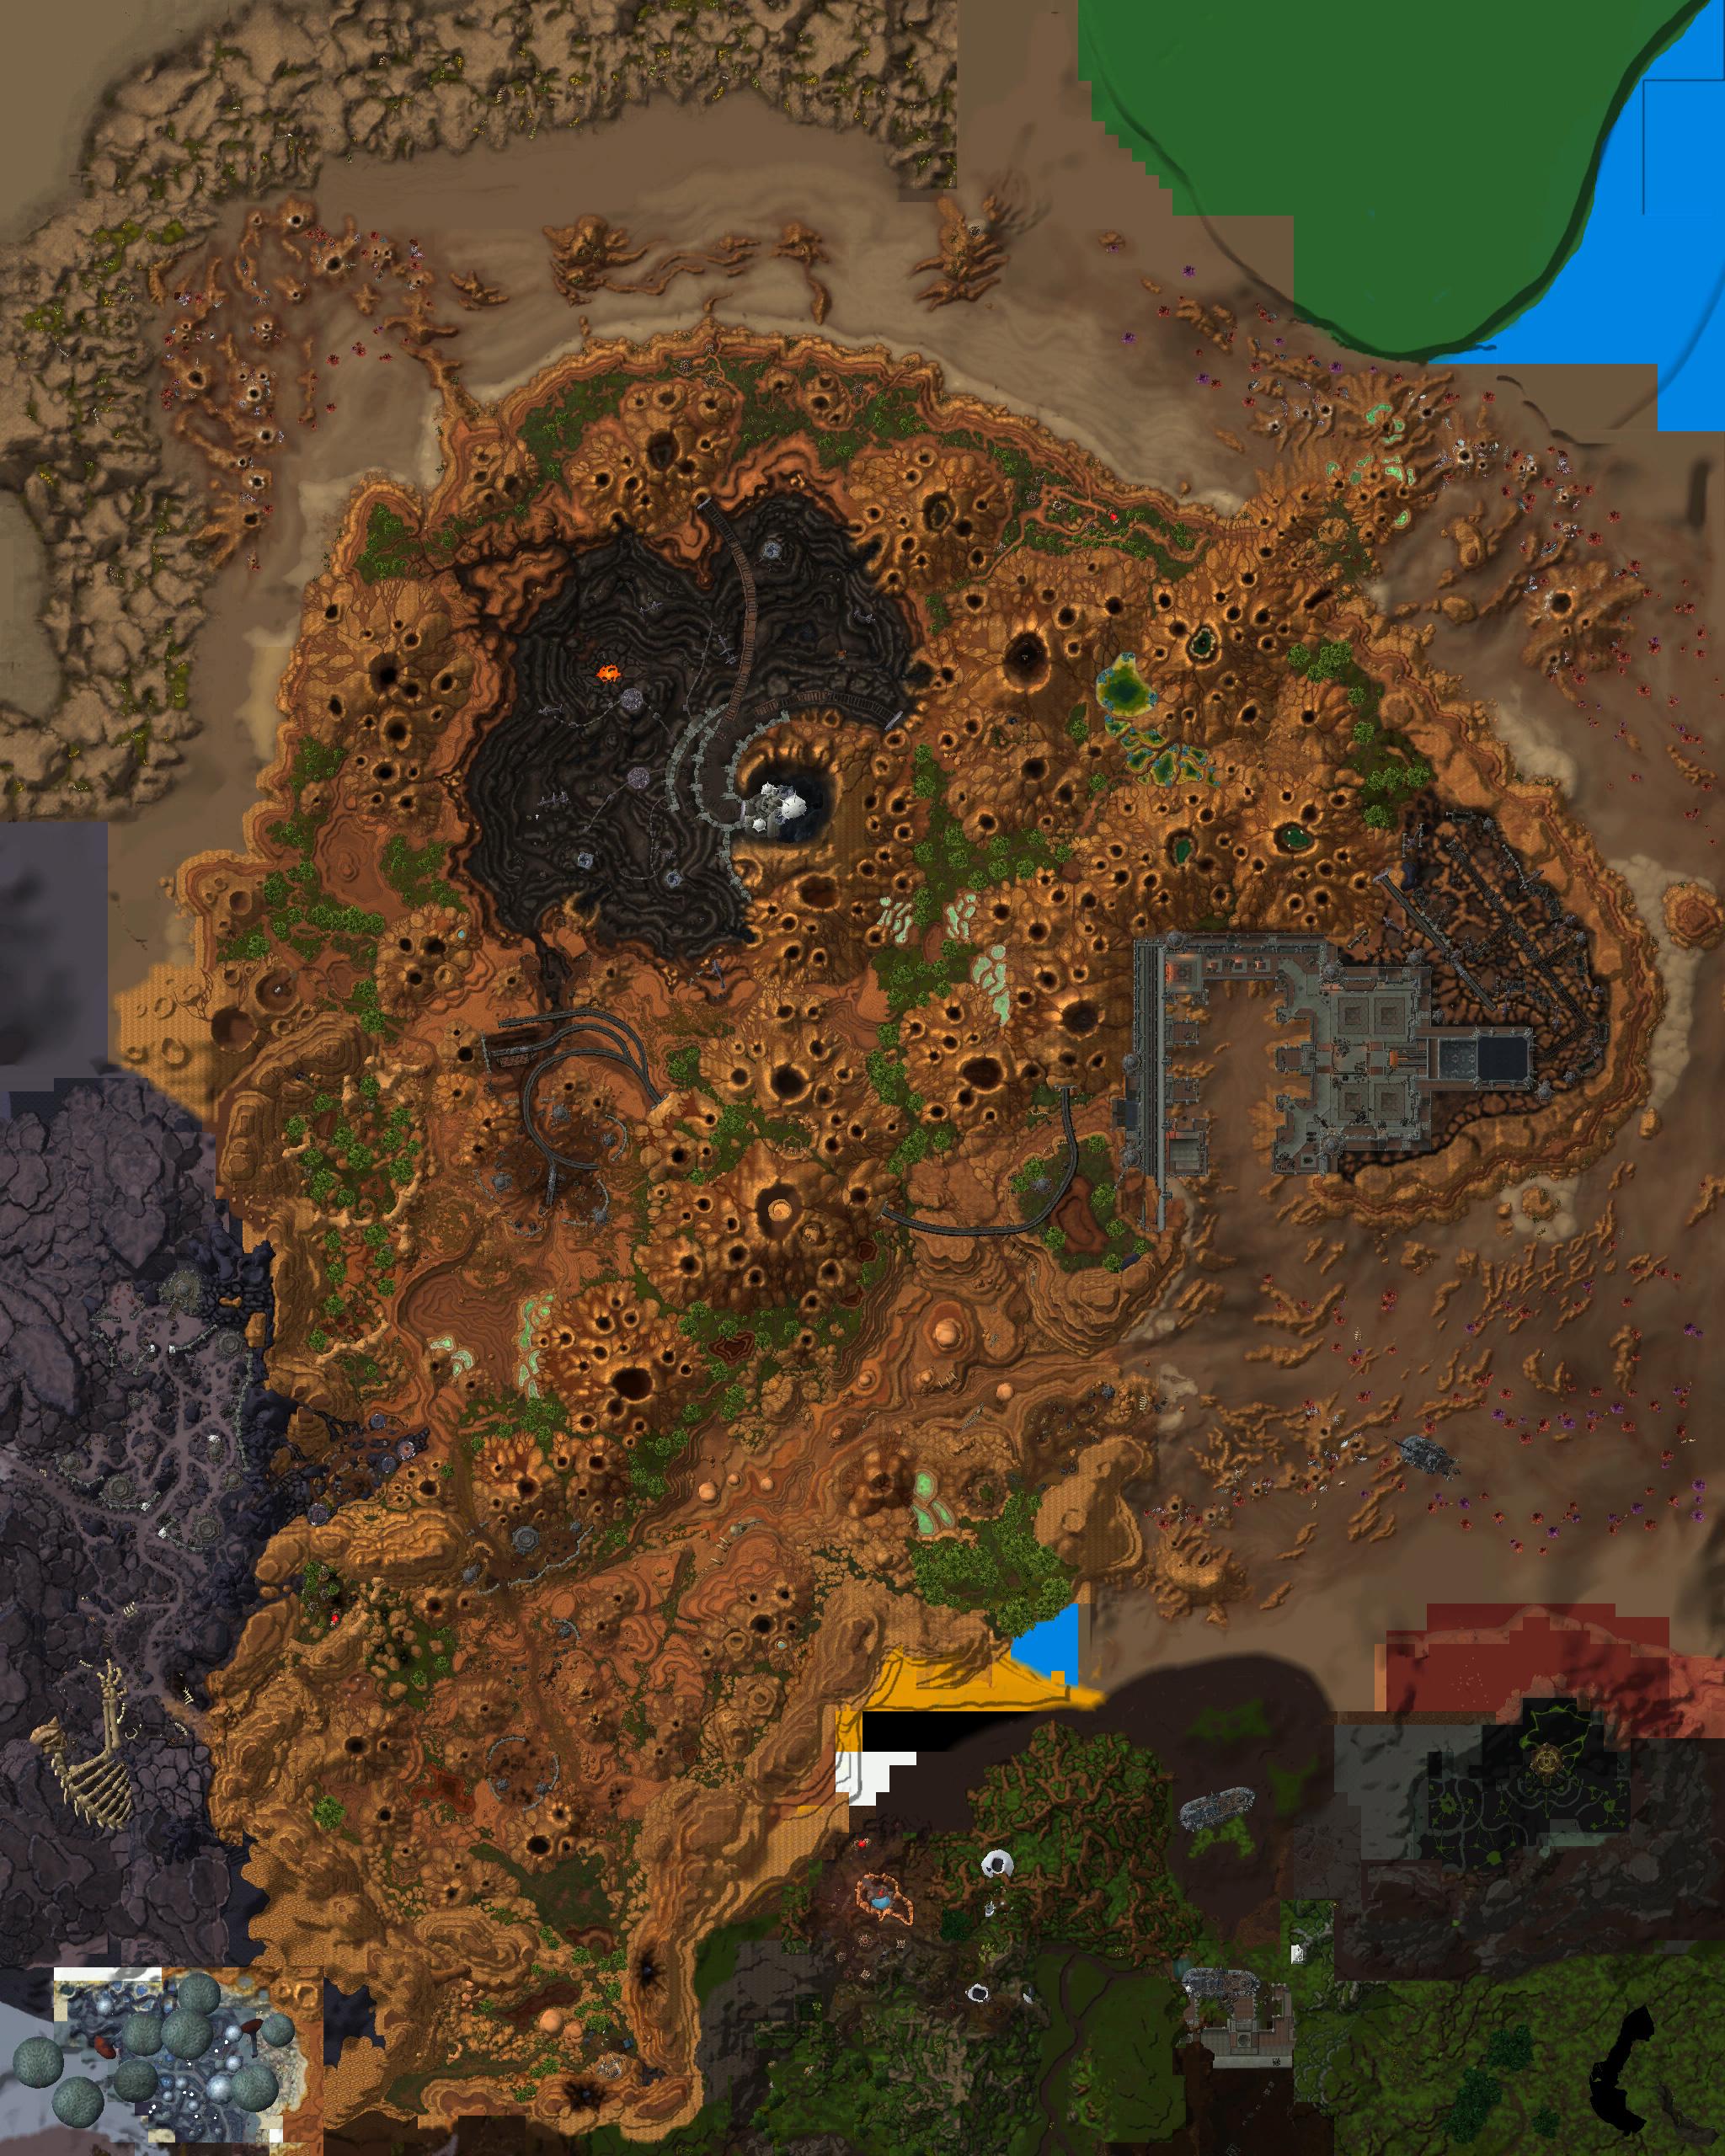 8.0A测新增地图:德拉诺兽人疑加入同盟